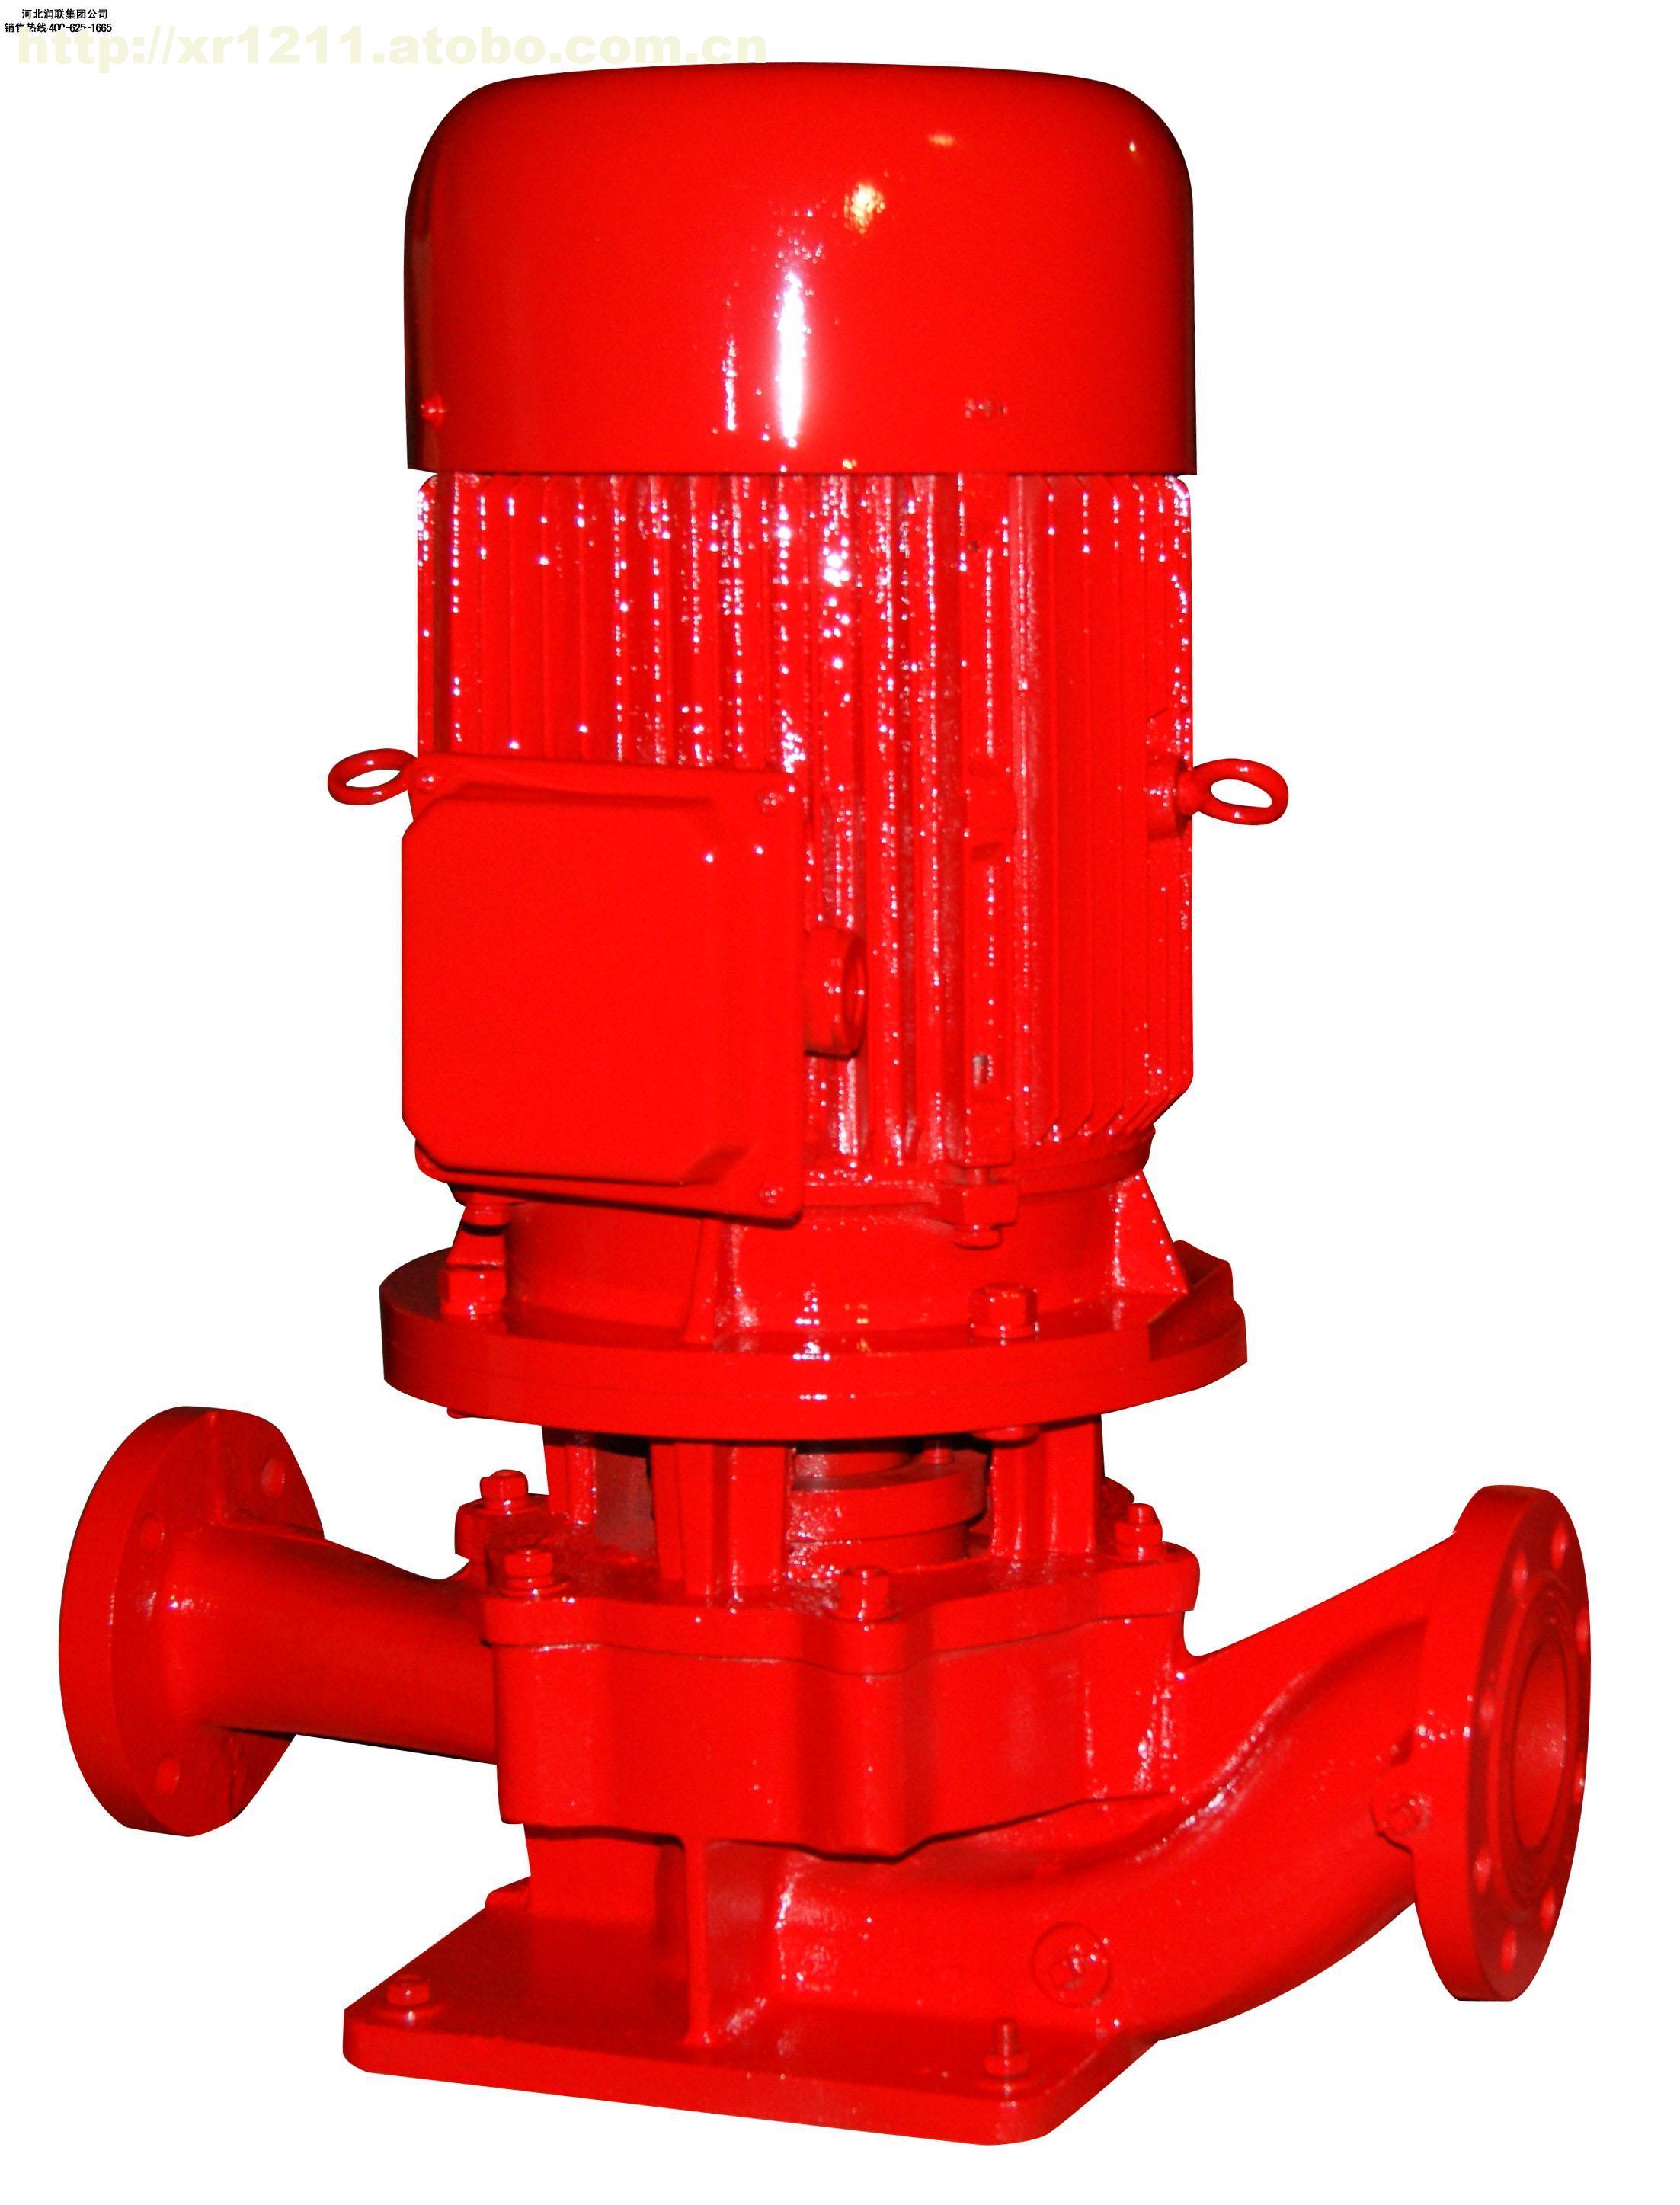 消防泵,消防喷淋泵,消防恒压切线泵,消火栓泵,供输送不含固体颗粒的清水及物理化学性质类似于水的液体之用,主要用于消防系统管道增压送水,也可适用于工业和城市给排水,高层建筑增压送水、远距离送水、采暖、浴室、锅炉冷暖水循环、增压空调制冷系统送水及设备配套等场合。